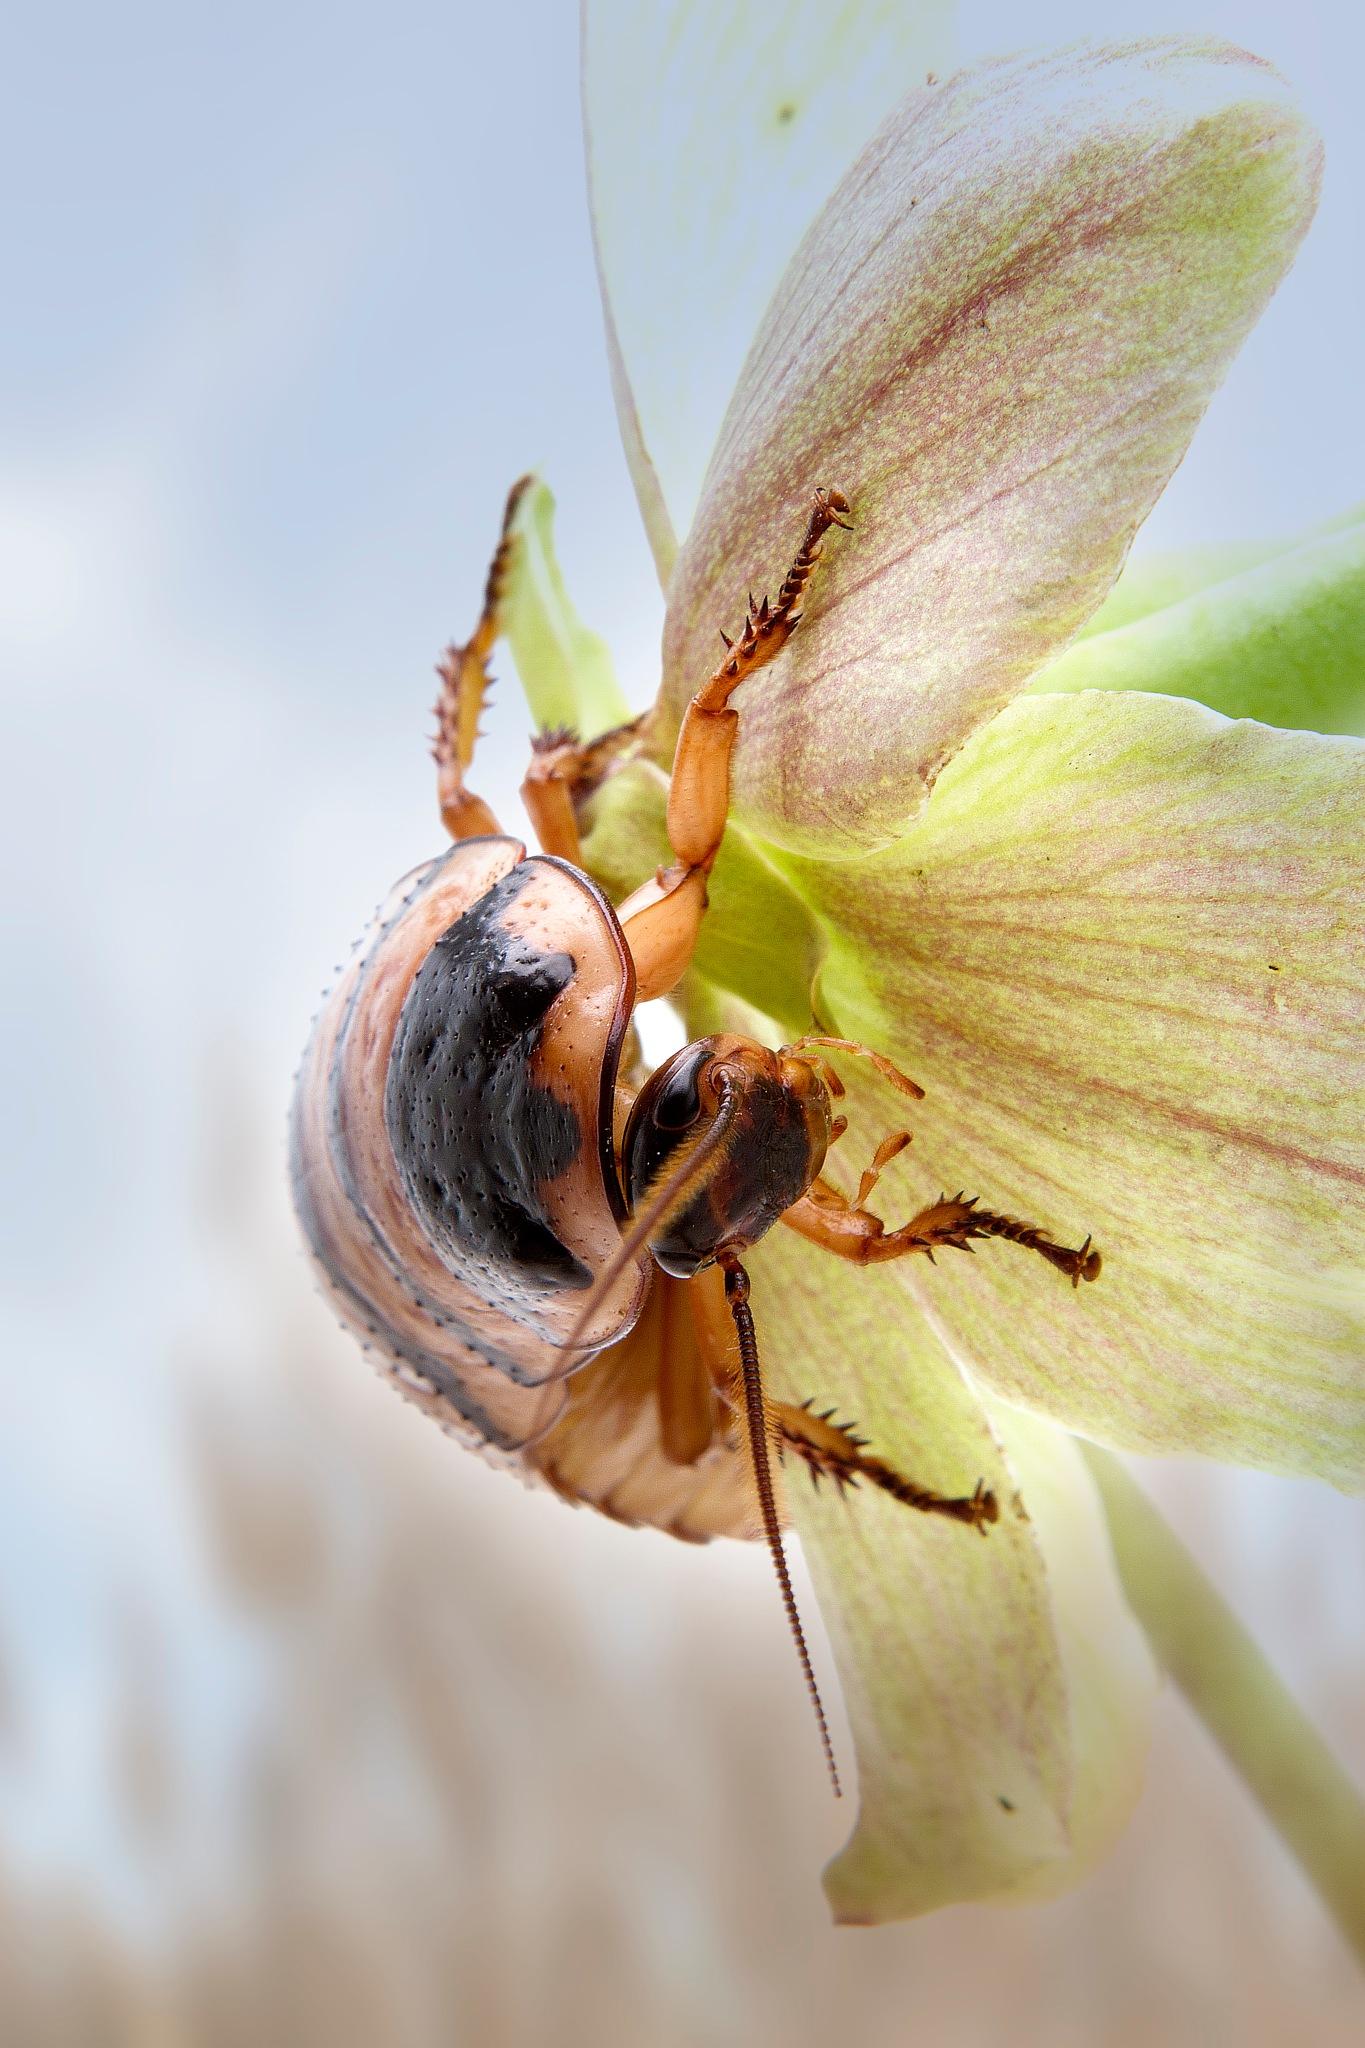 kakkerlak by Renaat